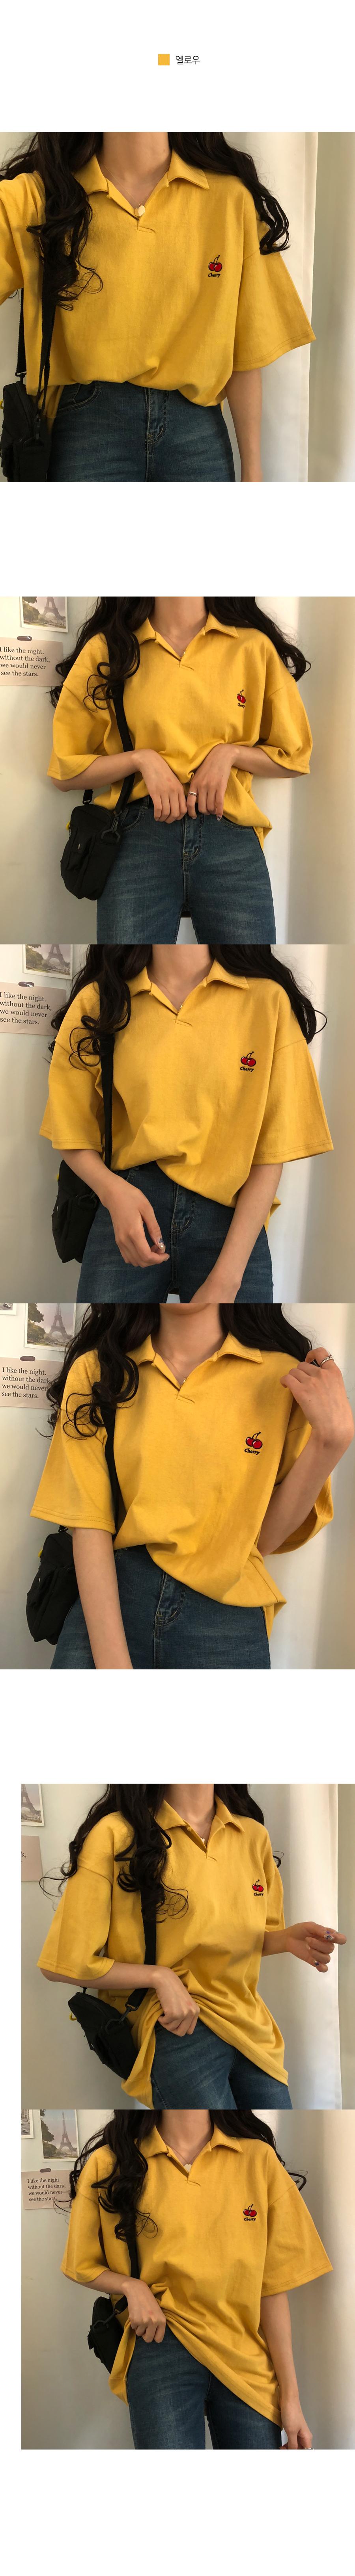 Cherry collar overfit T-shirt